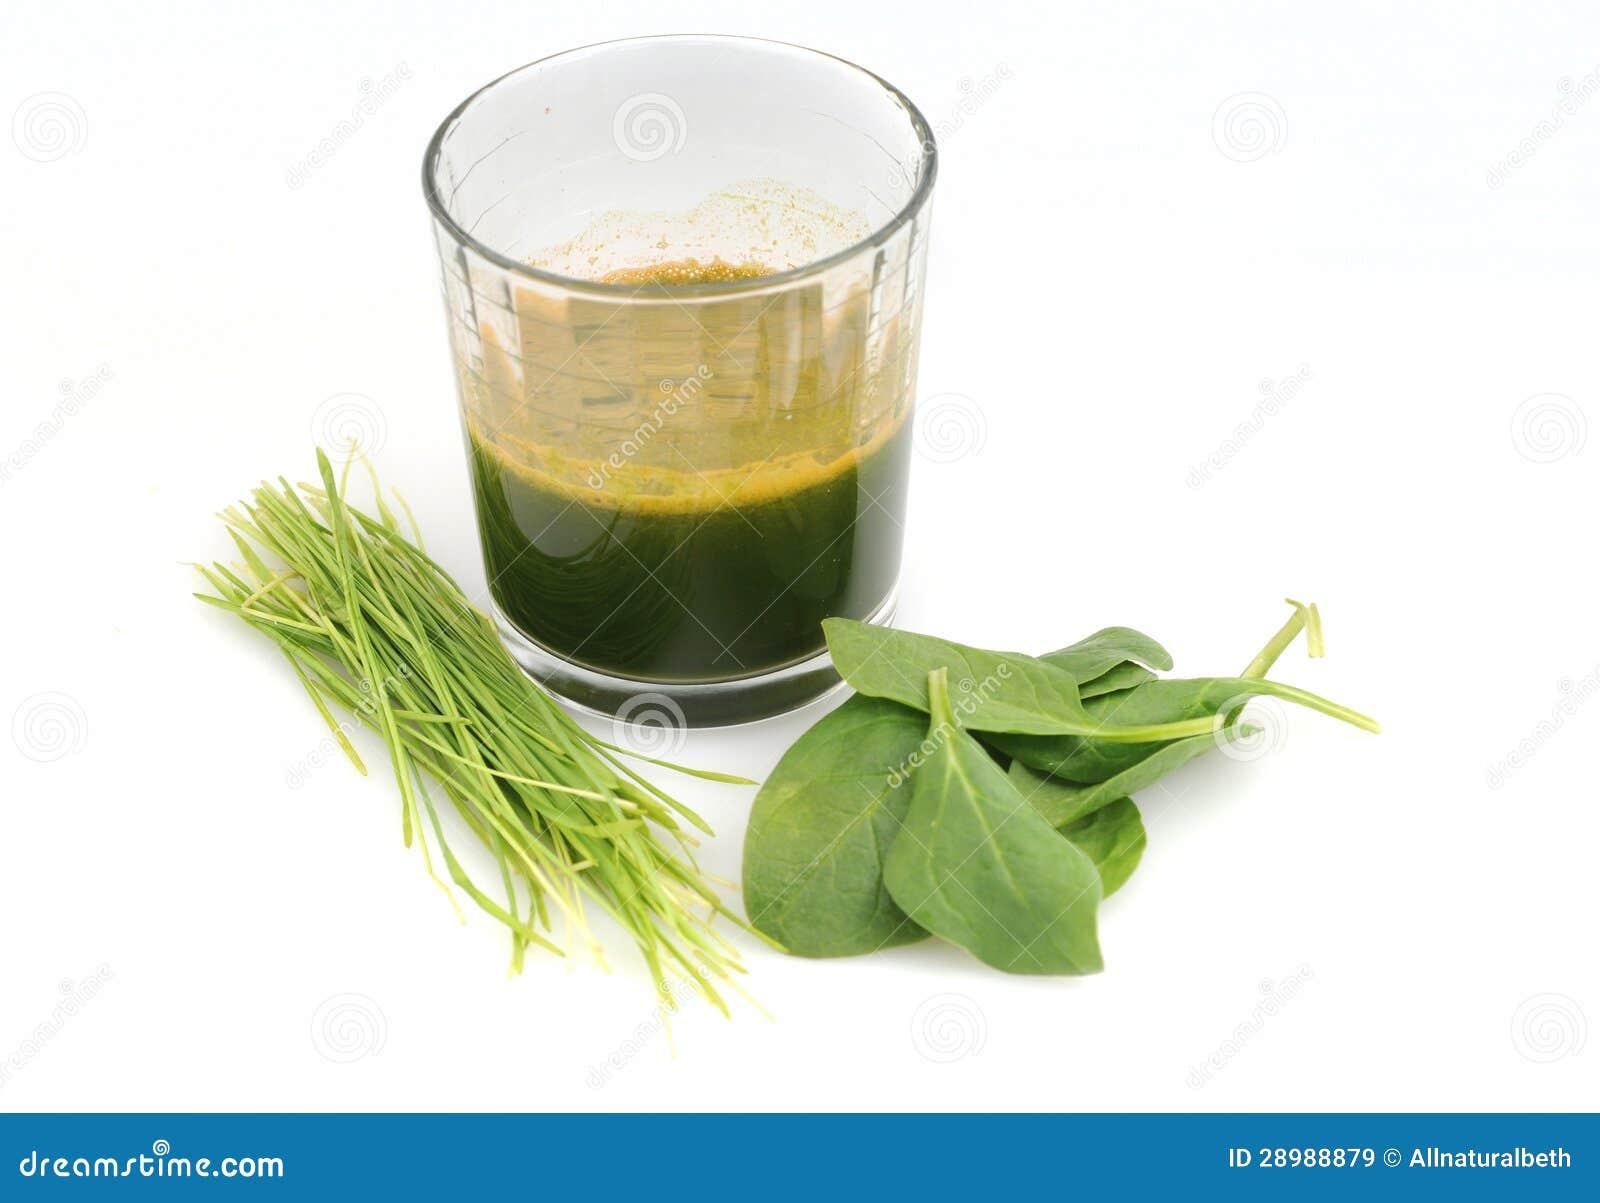 Rå grön spenat- och vetegräsfruktsaft